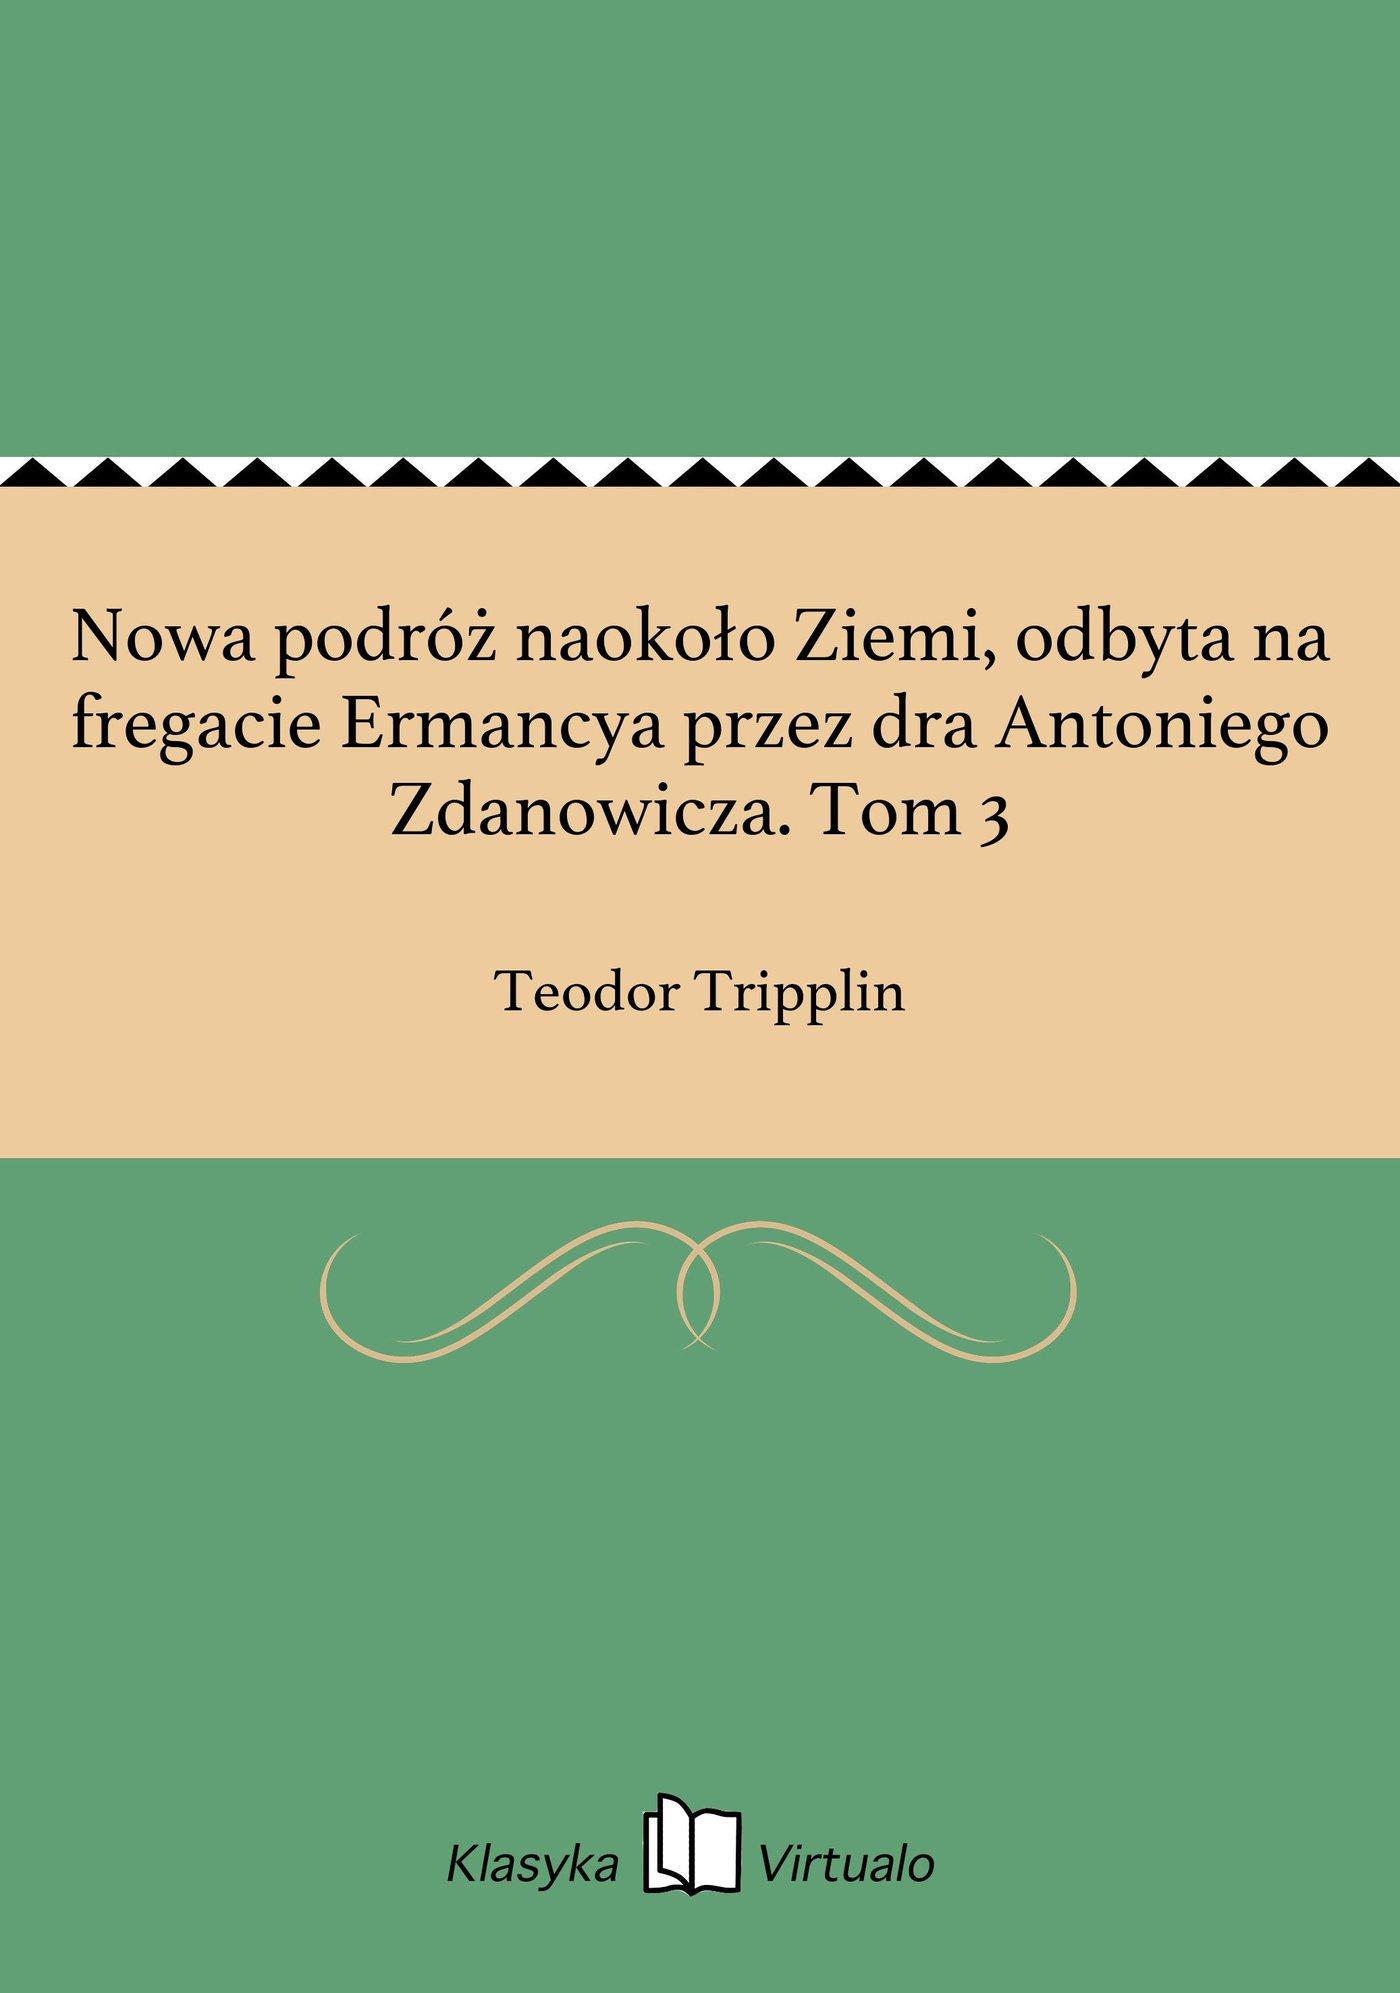 Nowa podróż naokoło Ziemi, odbyta na fregacie Ermancya przez dra Antoniego Zdanowicza. Tom 3 - Ebook (Książka EPUB) do pobrania w formacie EPUB